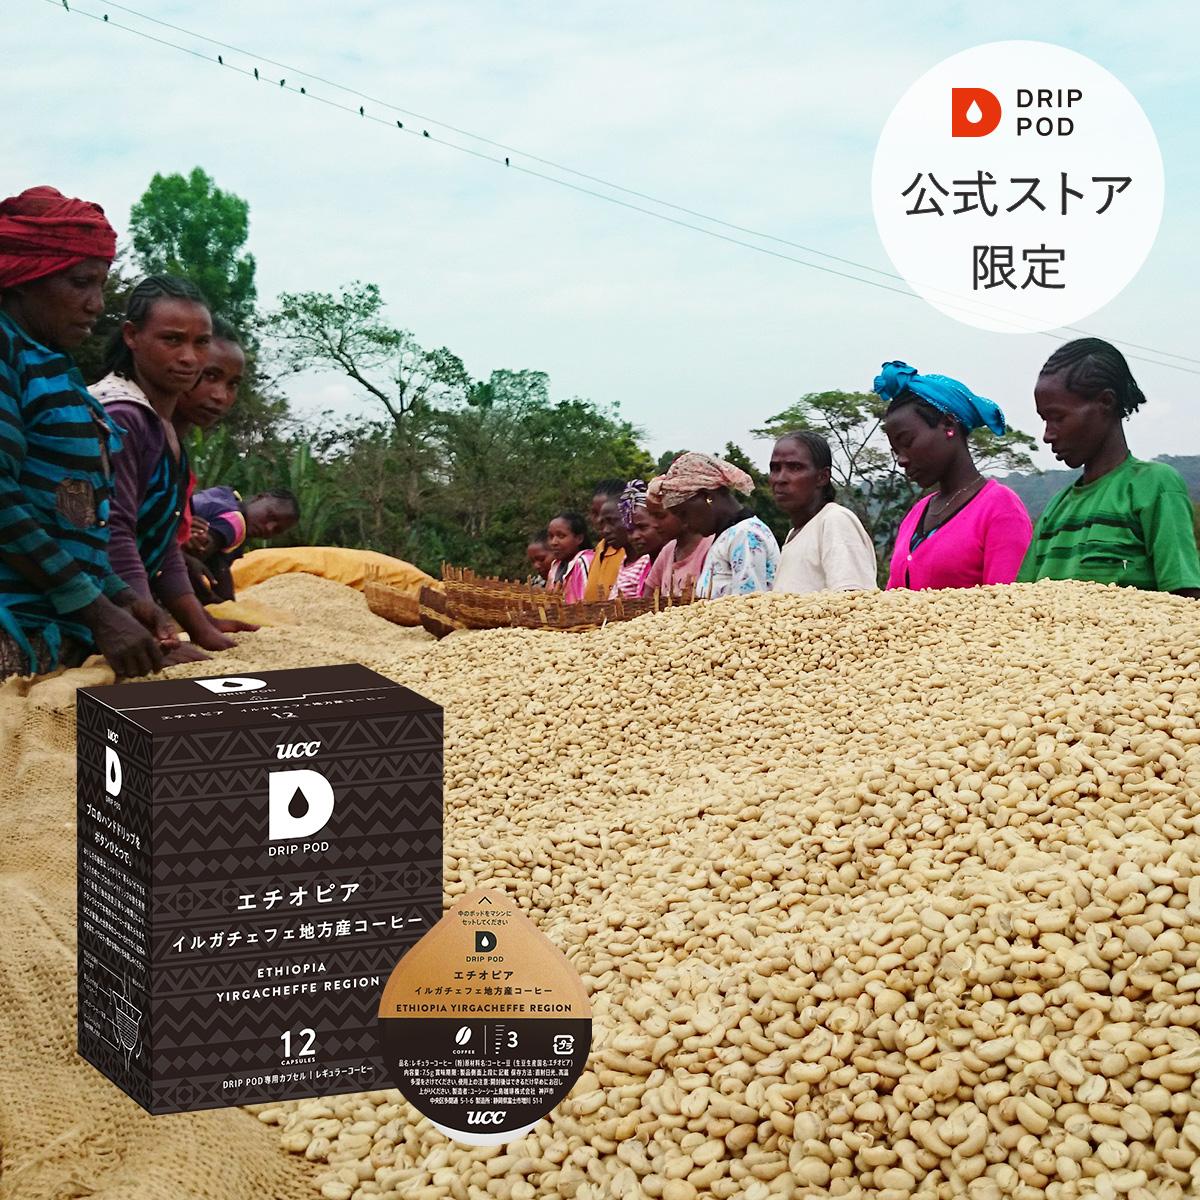 エチオピア イルガチェフェ地方産コーヒー